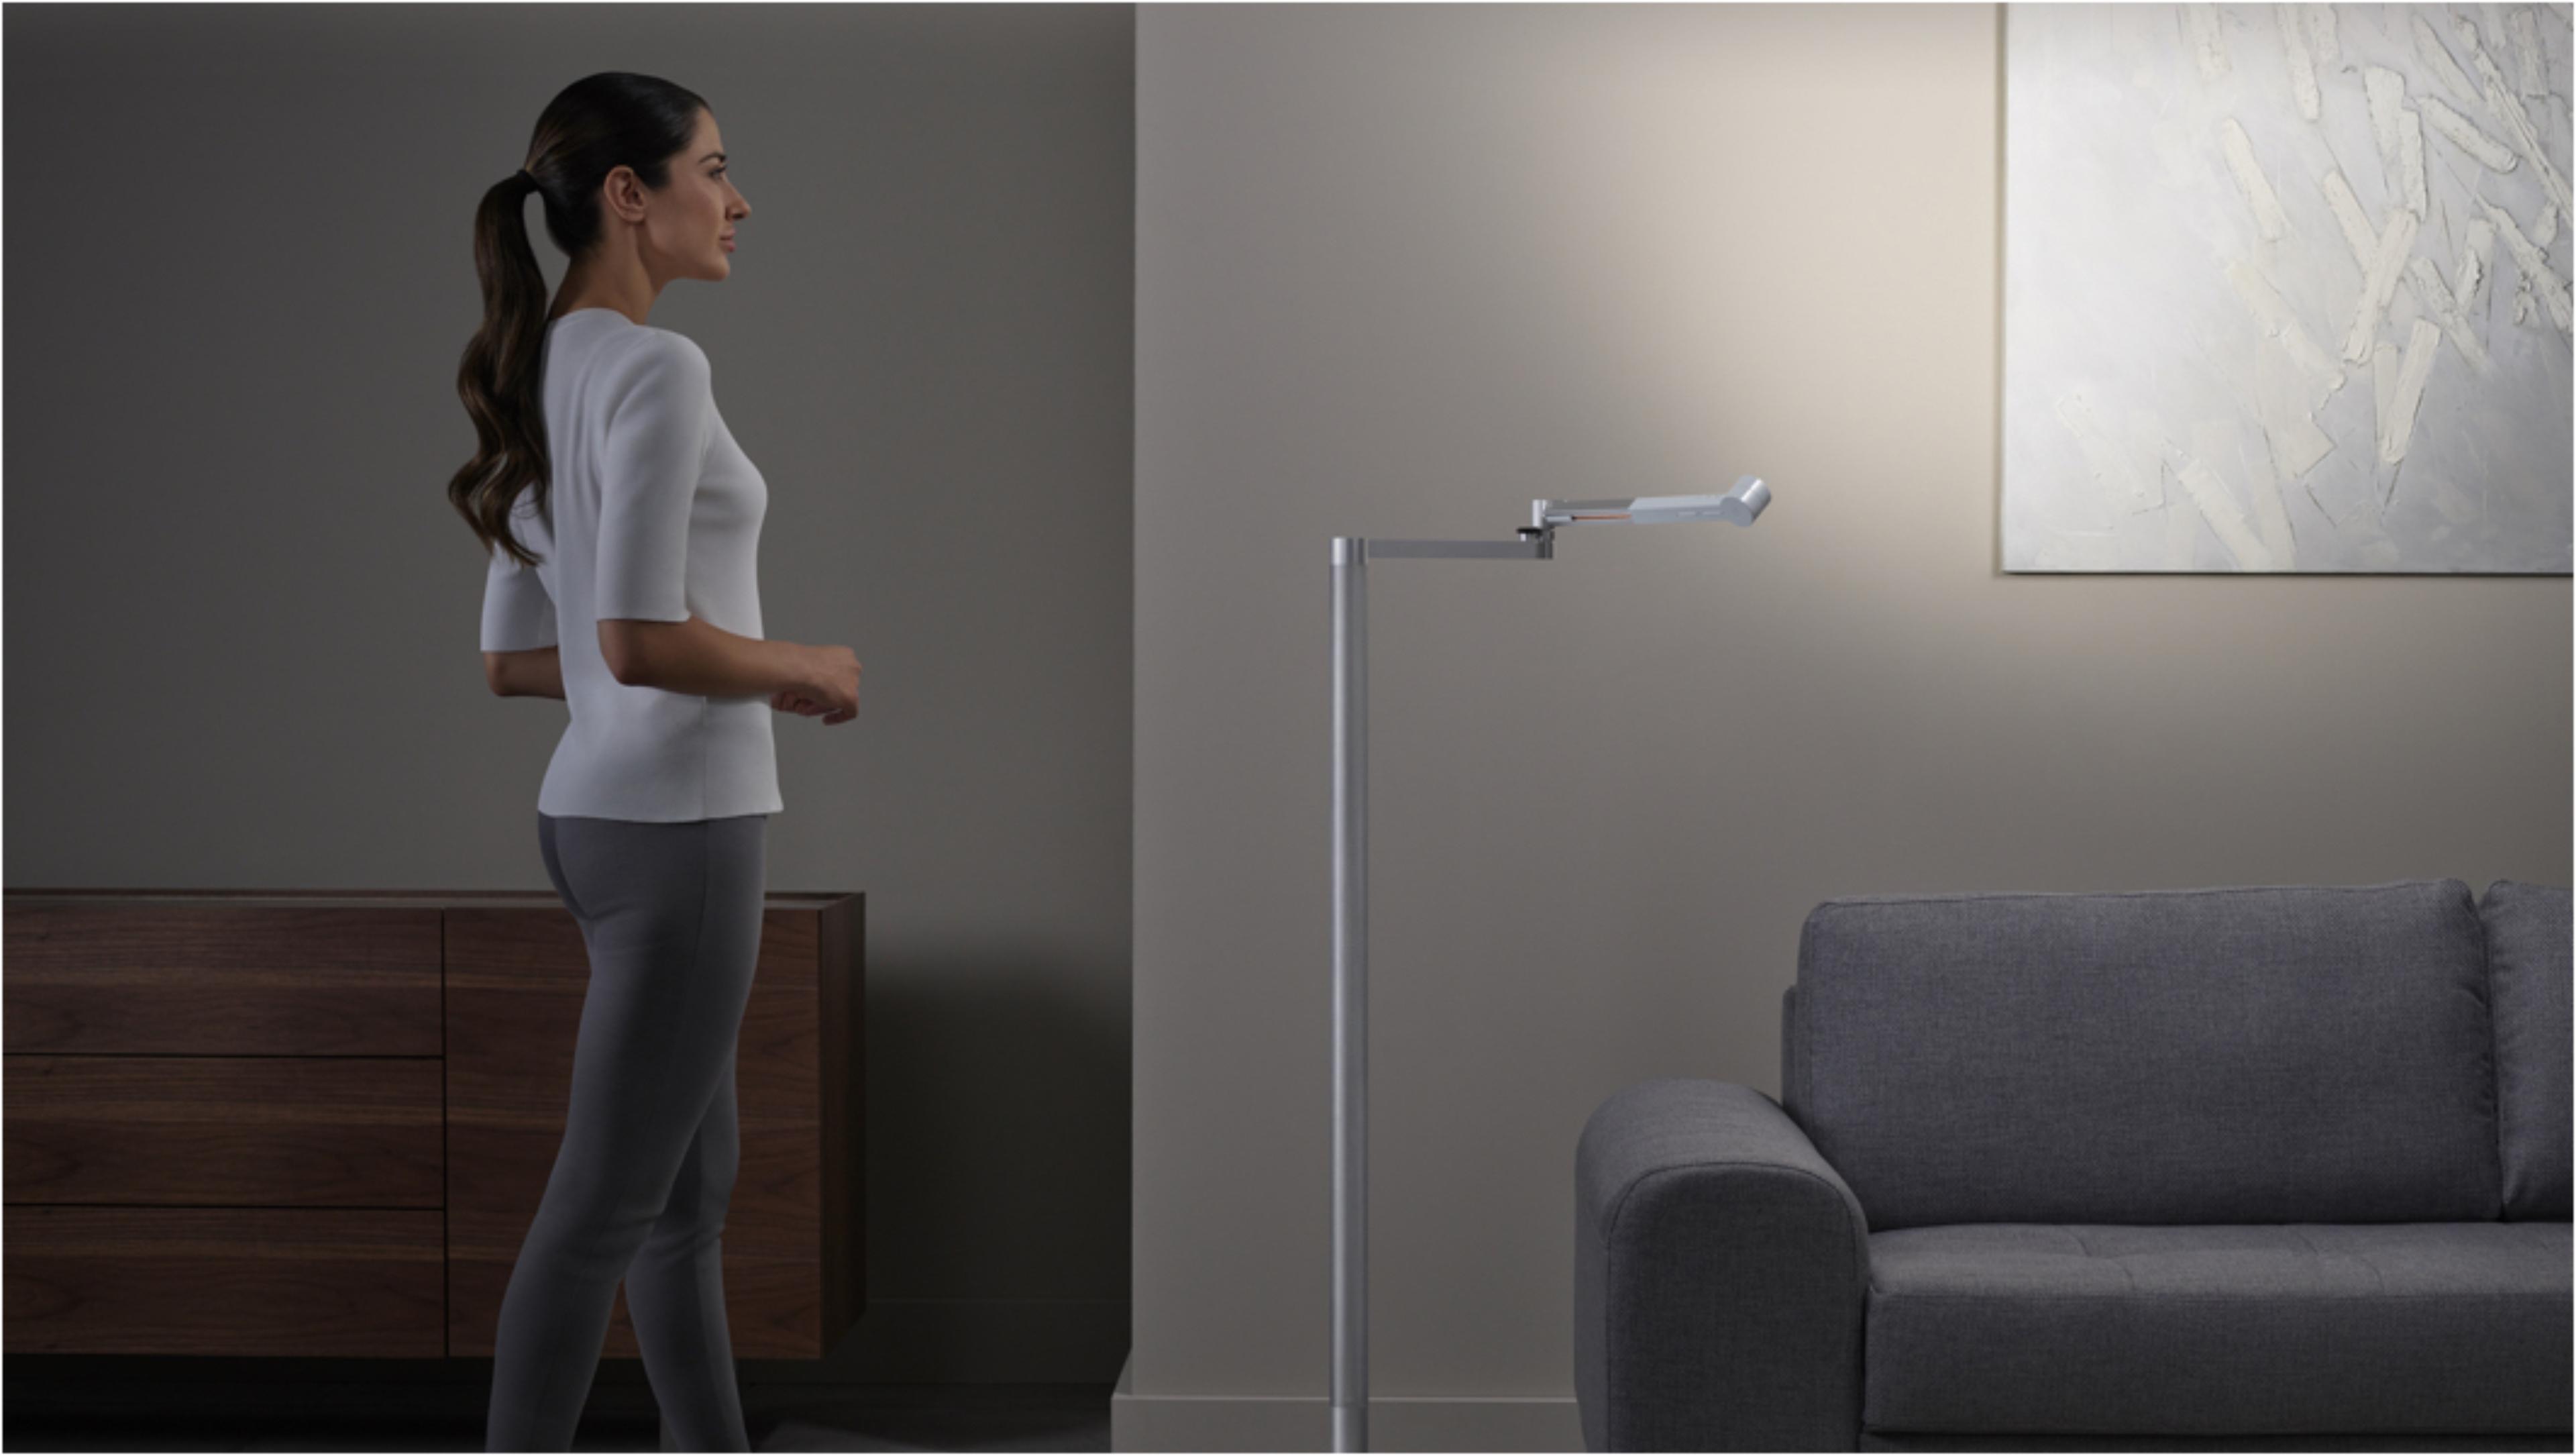 ผู้หญิงกำลังจ้องมองผลงานศิลปะที่มีแสงแบบ Feature จากโคมไฟ Dyson Lightcycle Morph ตกกระทบ